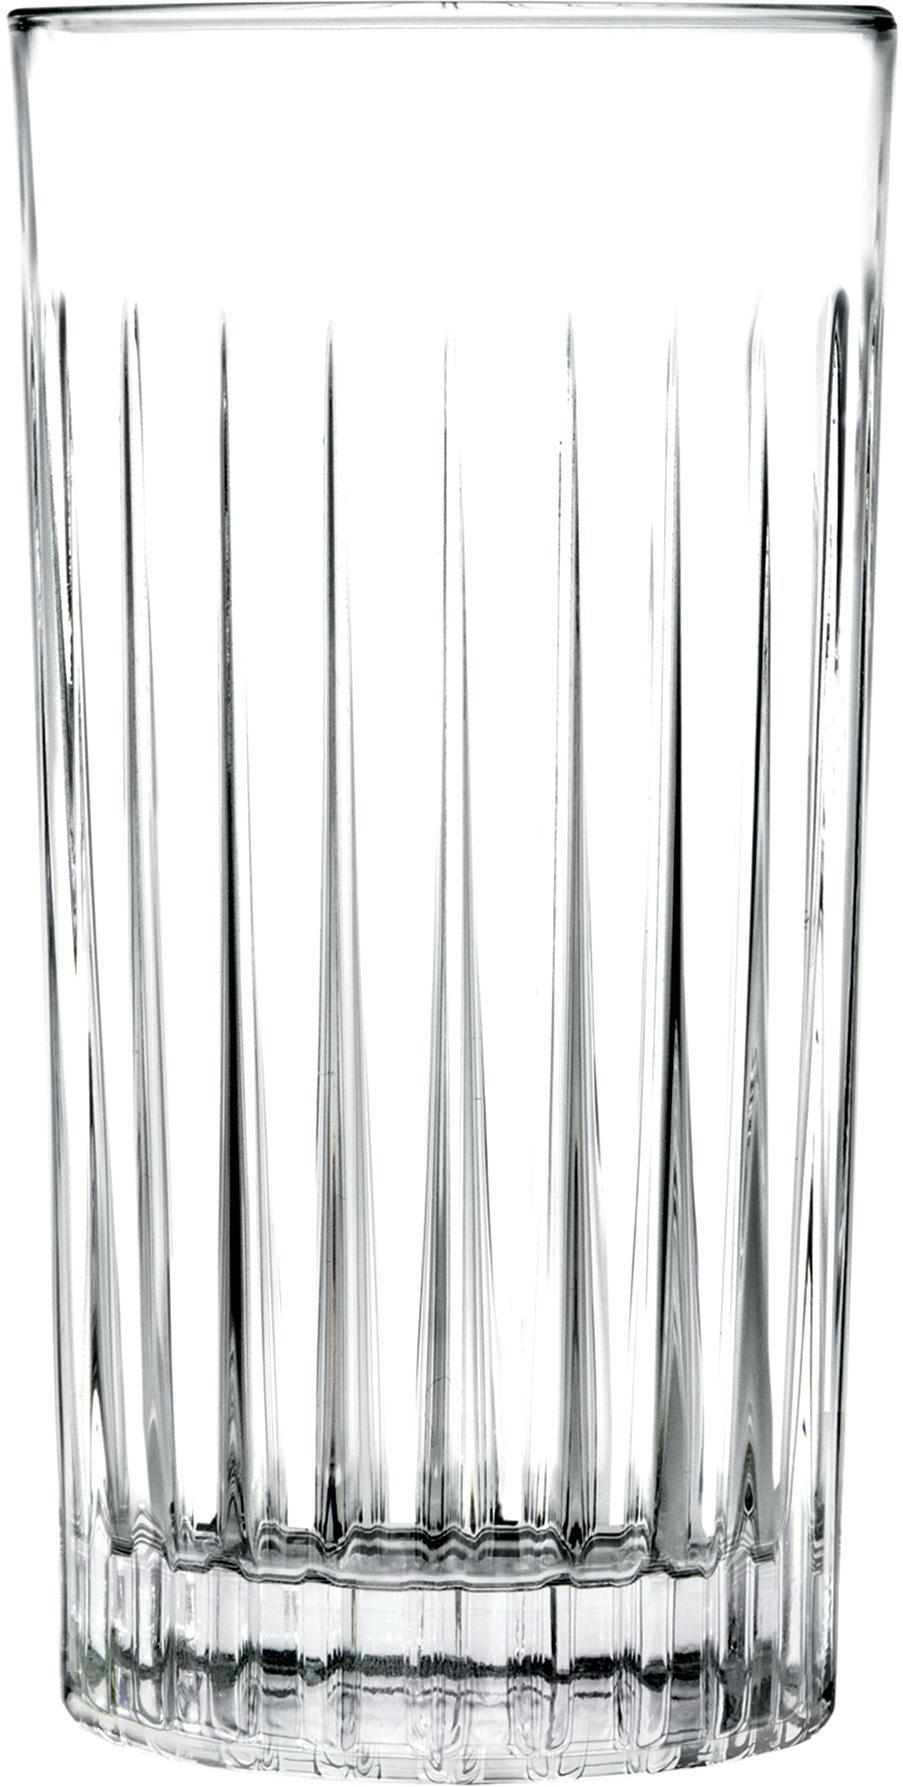 Kristall-Longdrinkgläser Timeless mit Rillenstruktur, 6er-Set, Kristallglas, Transparent, Ø 8 x H 15 cm